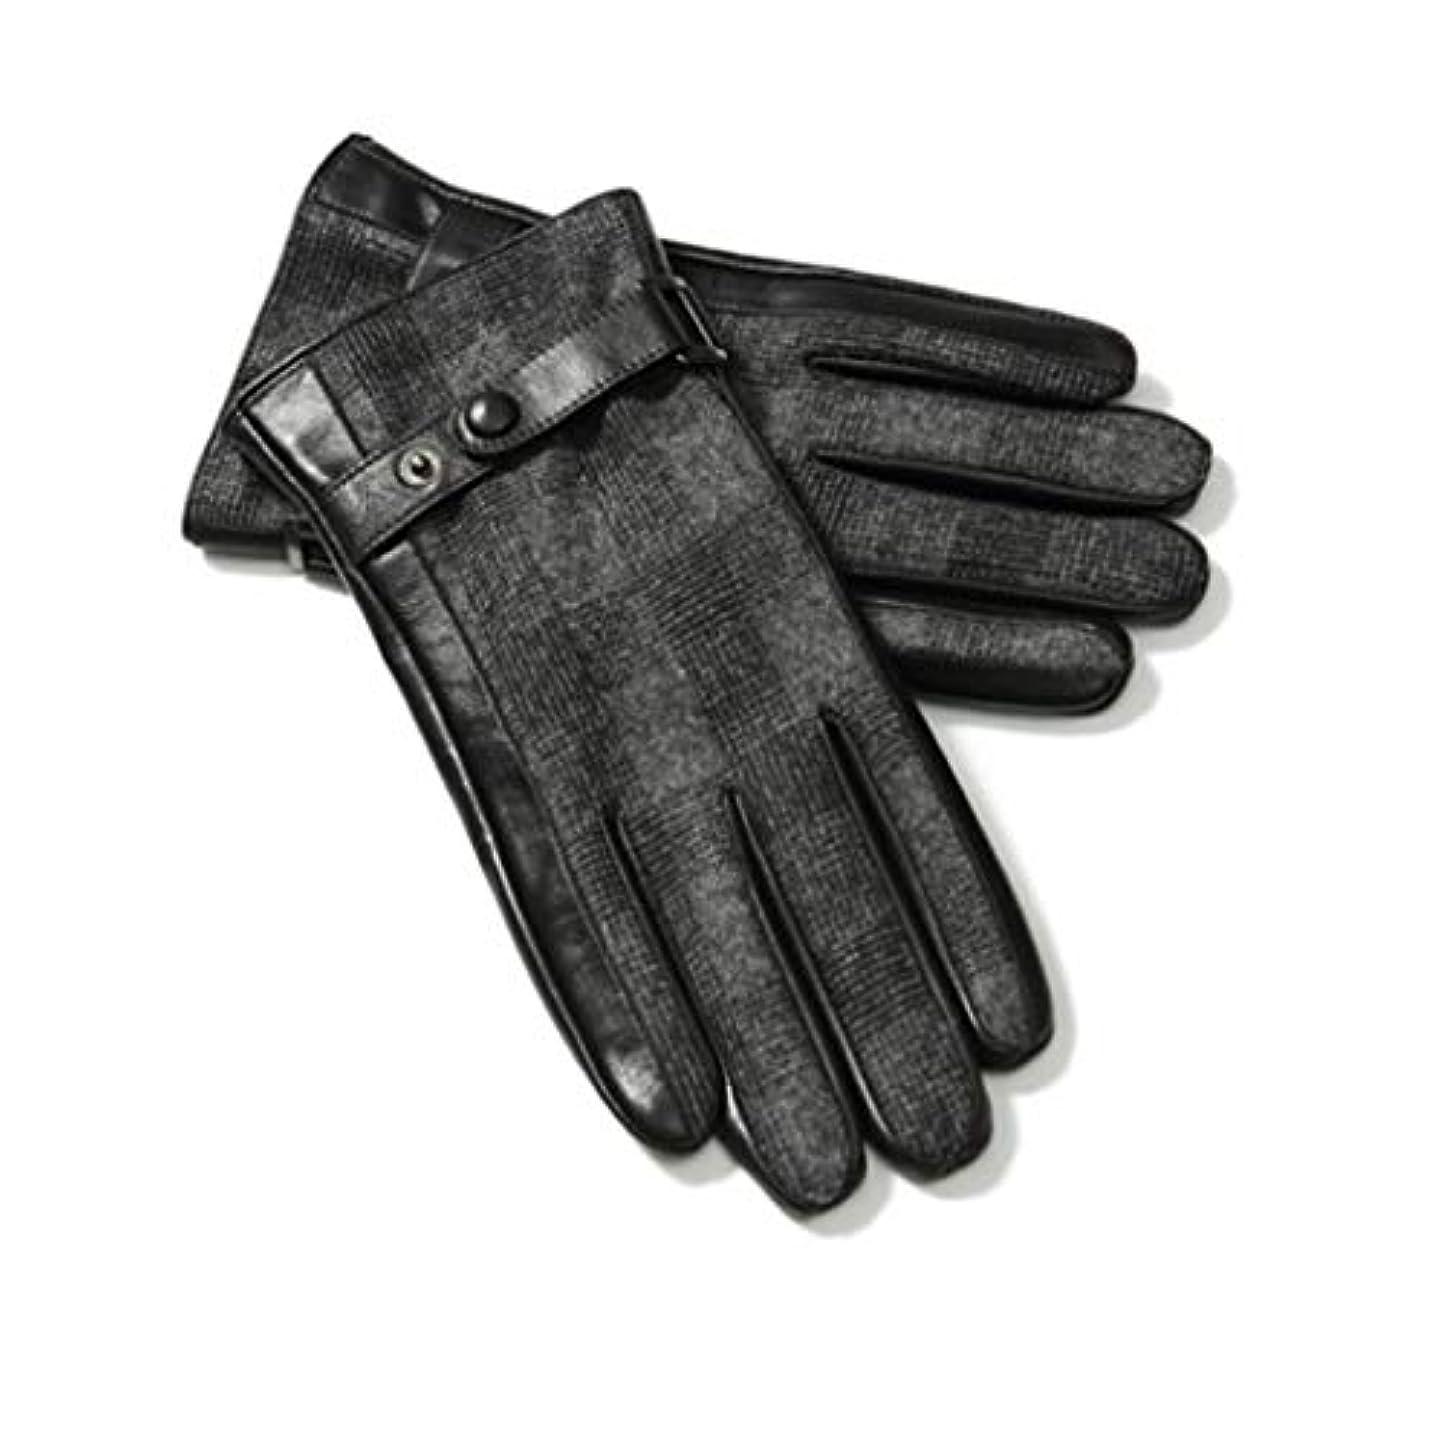 権利を与える十代の若者たちわずかなレザーグローブメンズ秋冬ファッションプラスベルベット厚い暖かい防風コールドライディングバイクタッチスクリーンレザーグローブ男性ギフトボックスGLZ003 Lコード